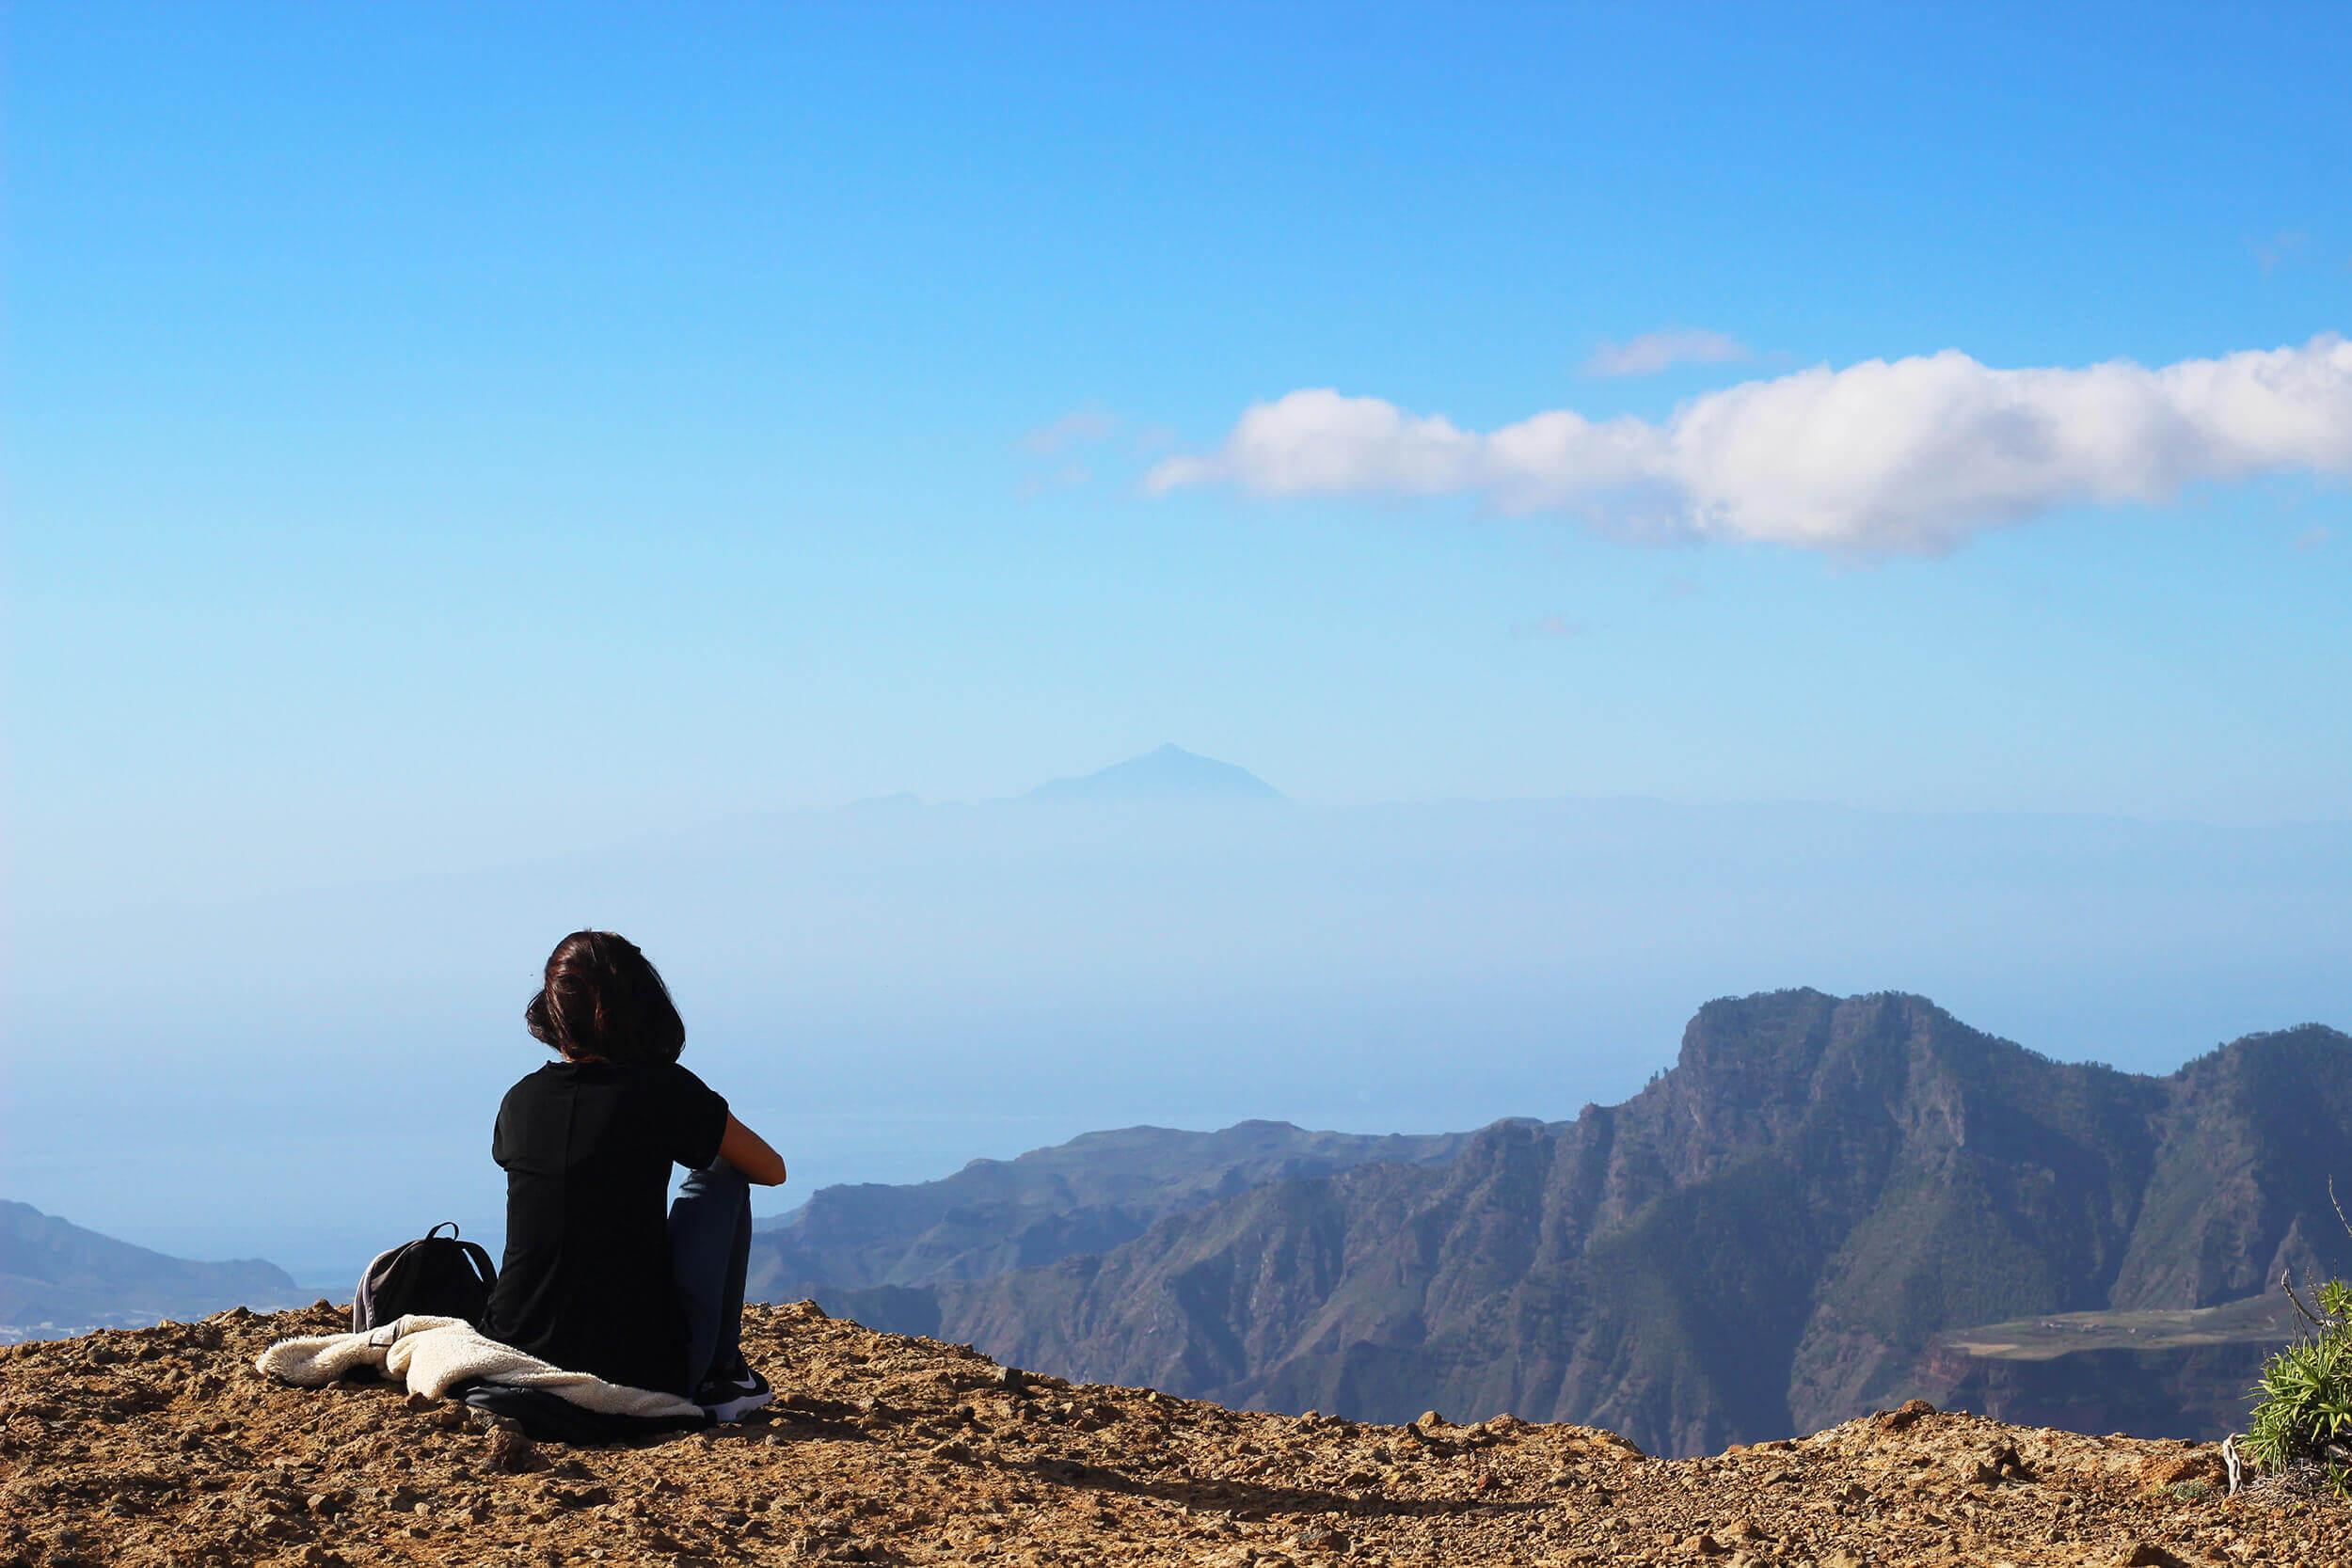 Vista de El Tedide desde la base del Roque Nublo.